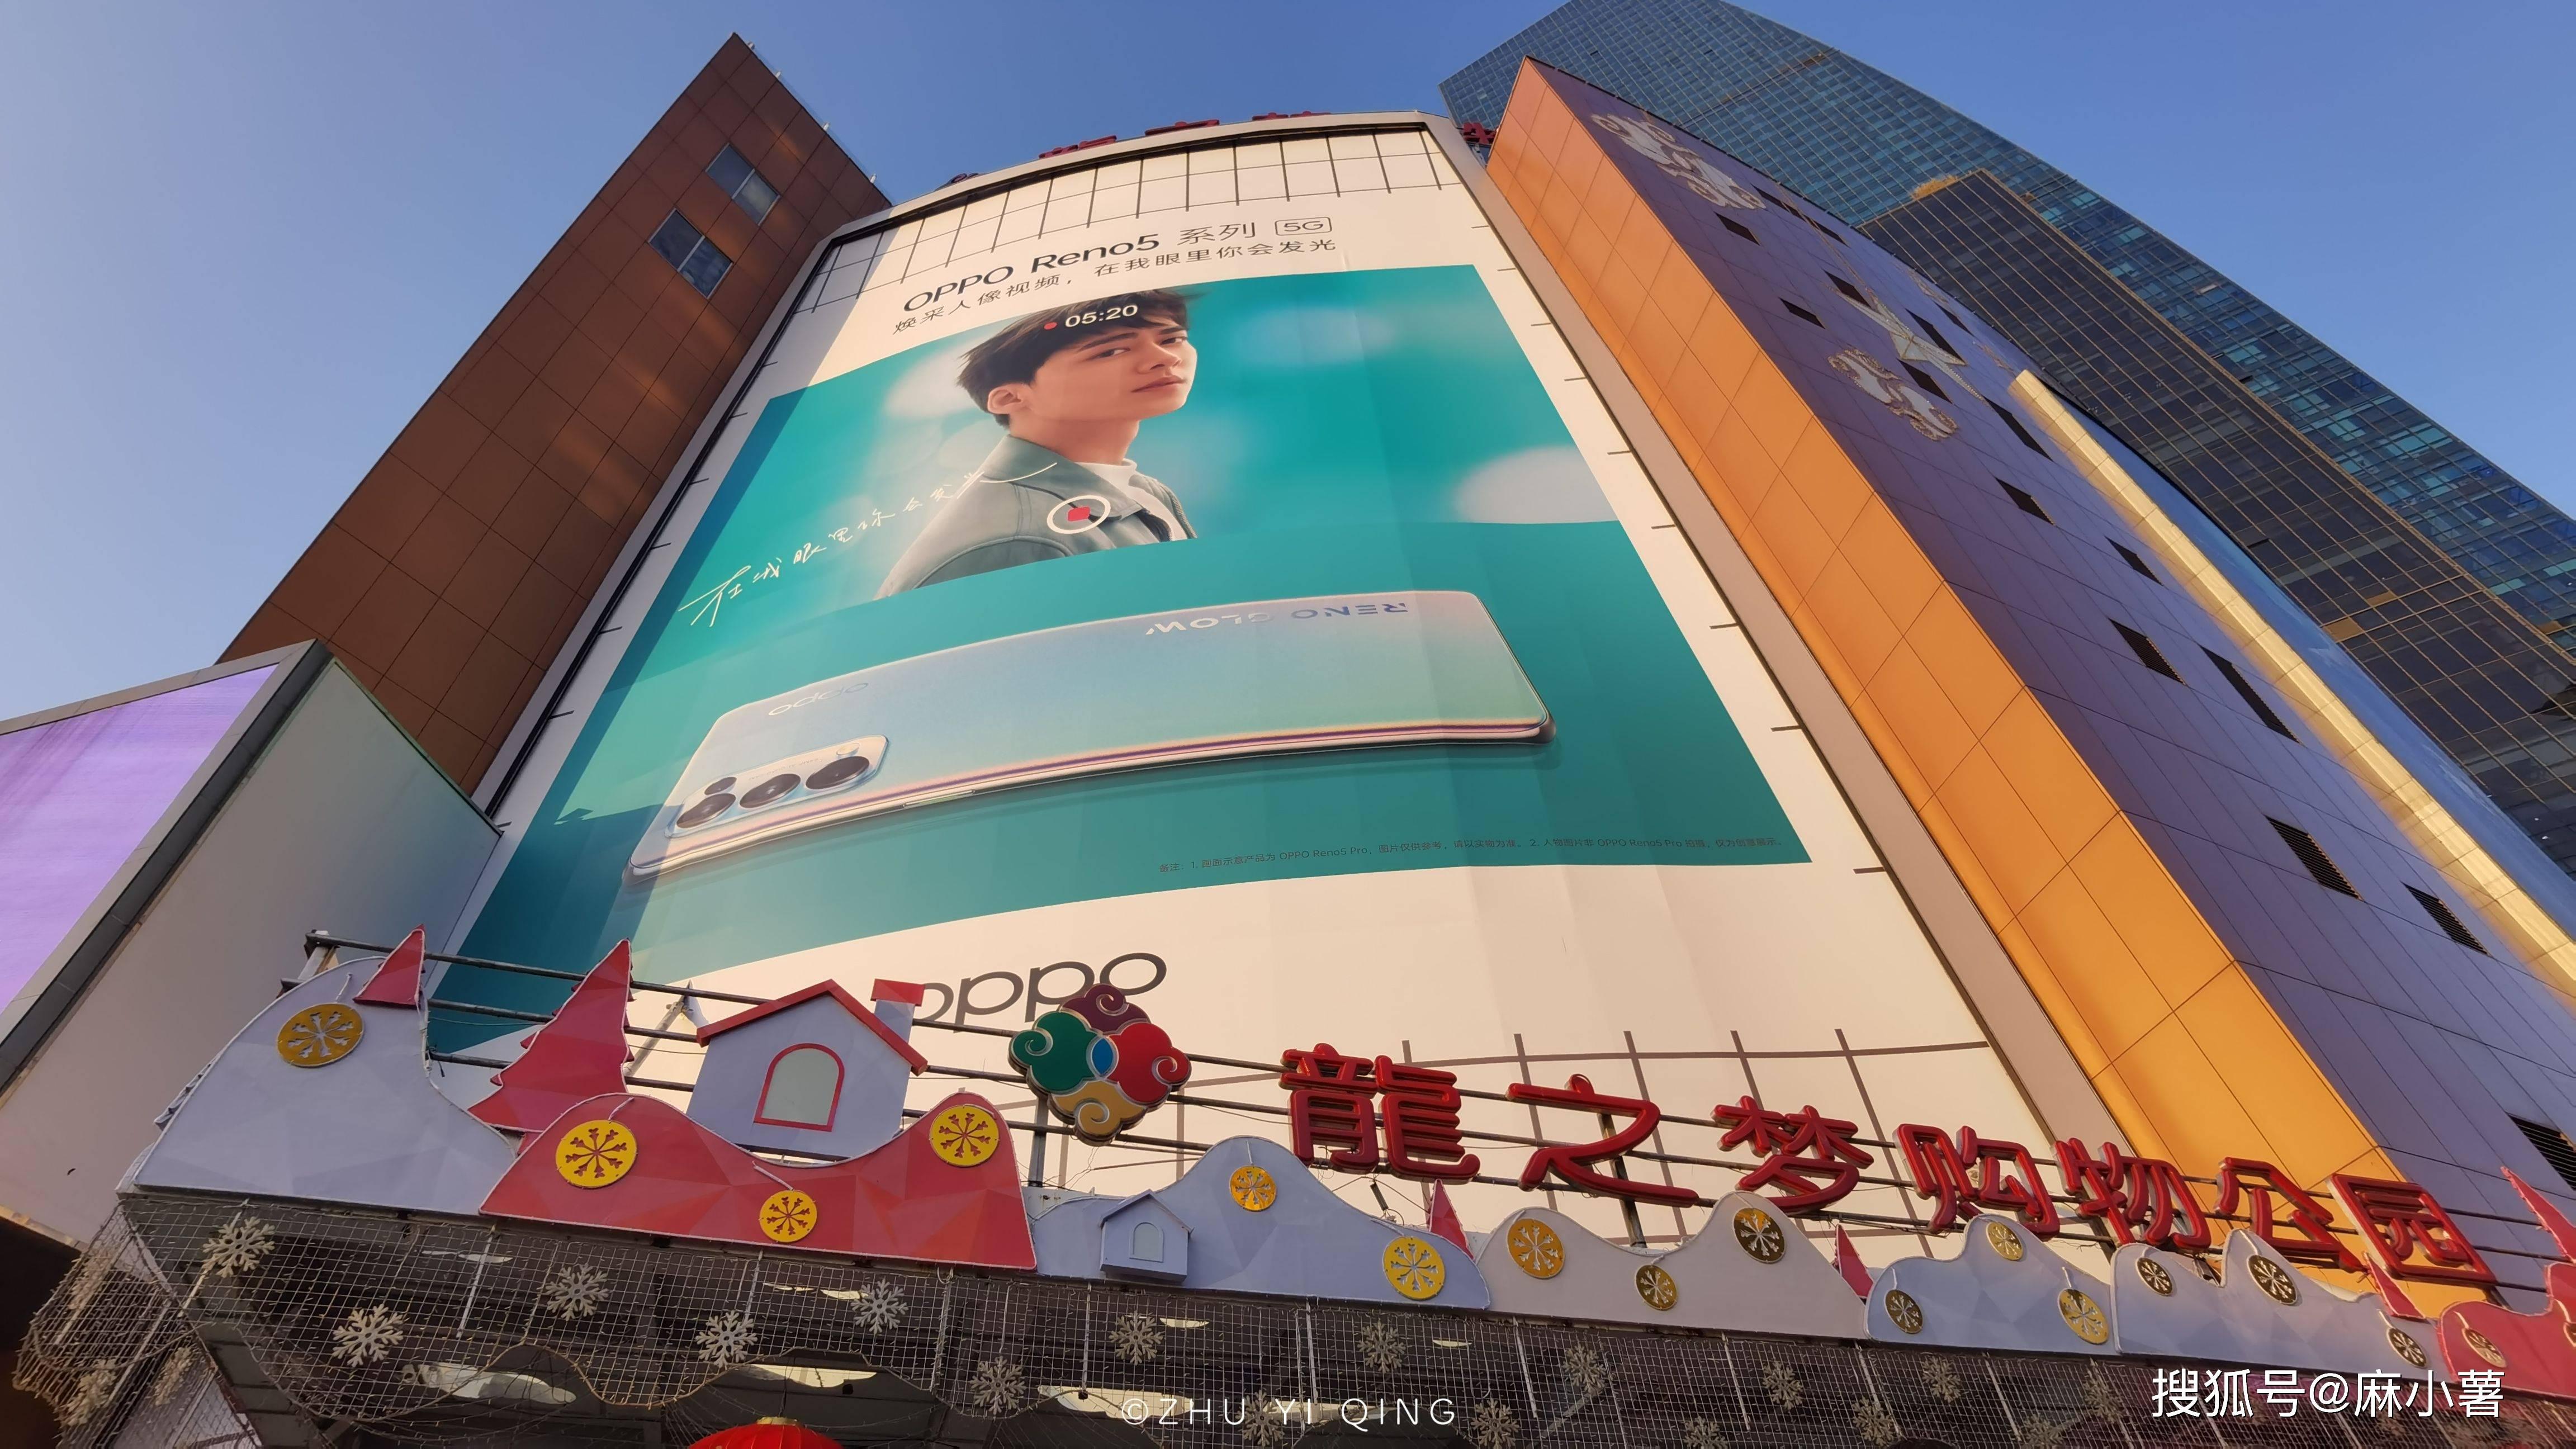 上海最老牌的购物广场,开业至今有16年,每月人流量达300多万